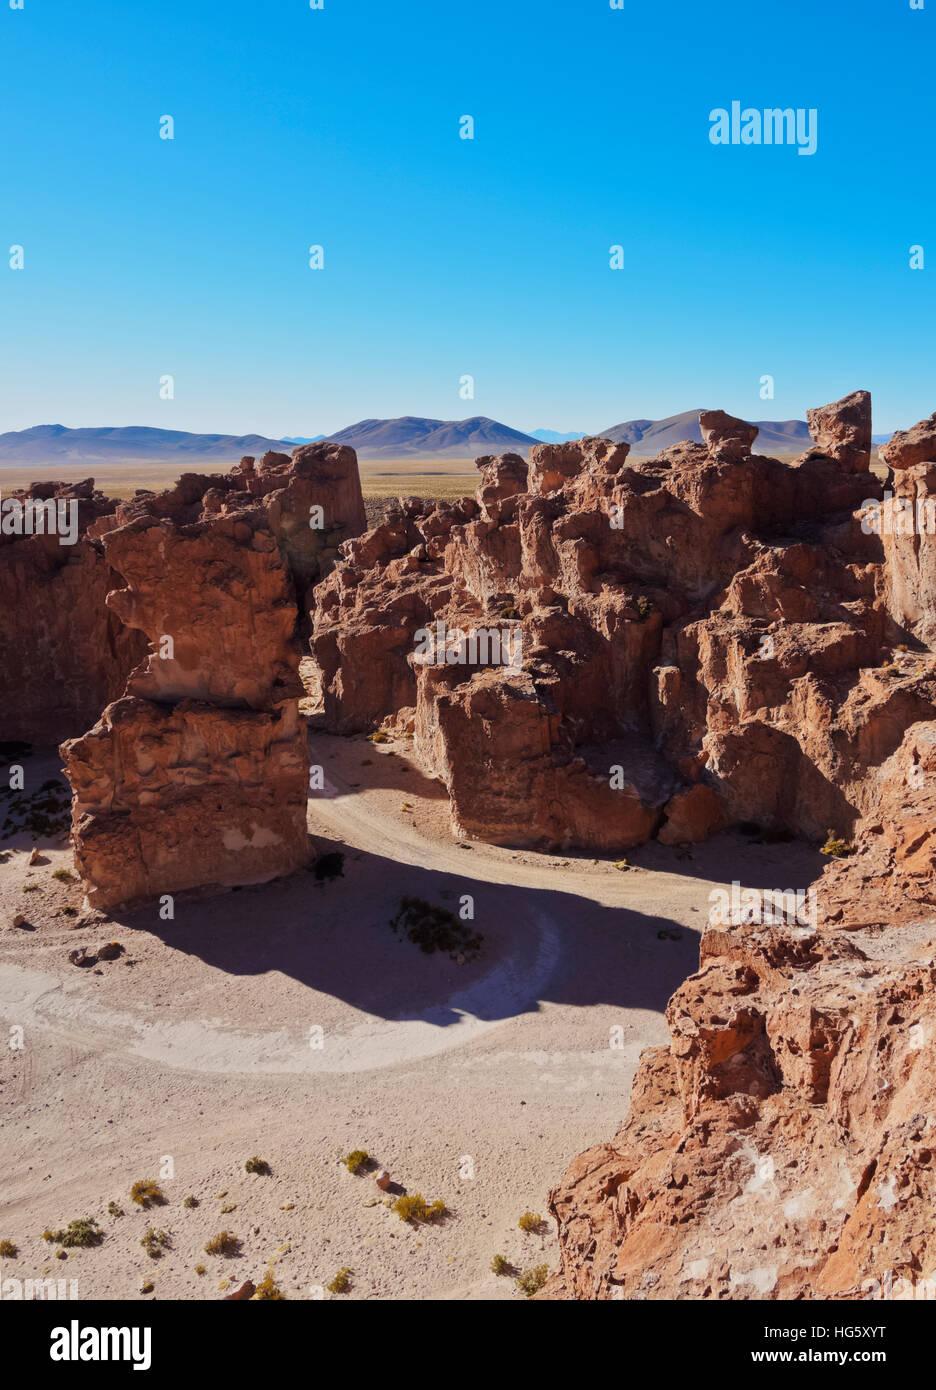 Bolivia, Potosi Departmant, Nor Lipez Province, Valle de las Rocas, Landscape of the Italia Perdida. - Stock Image